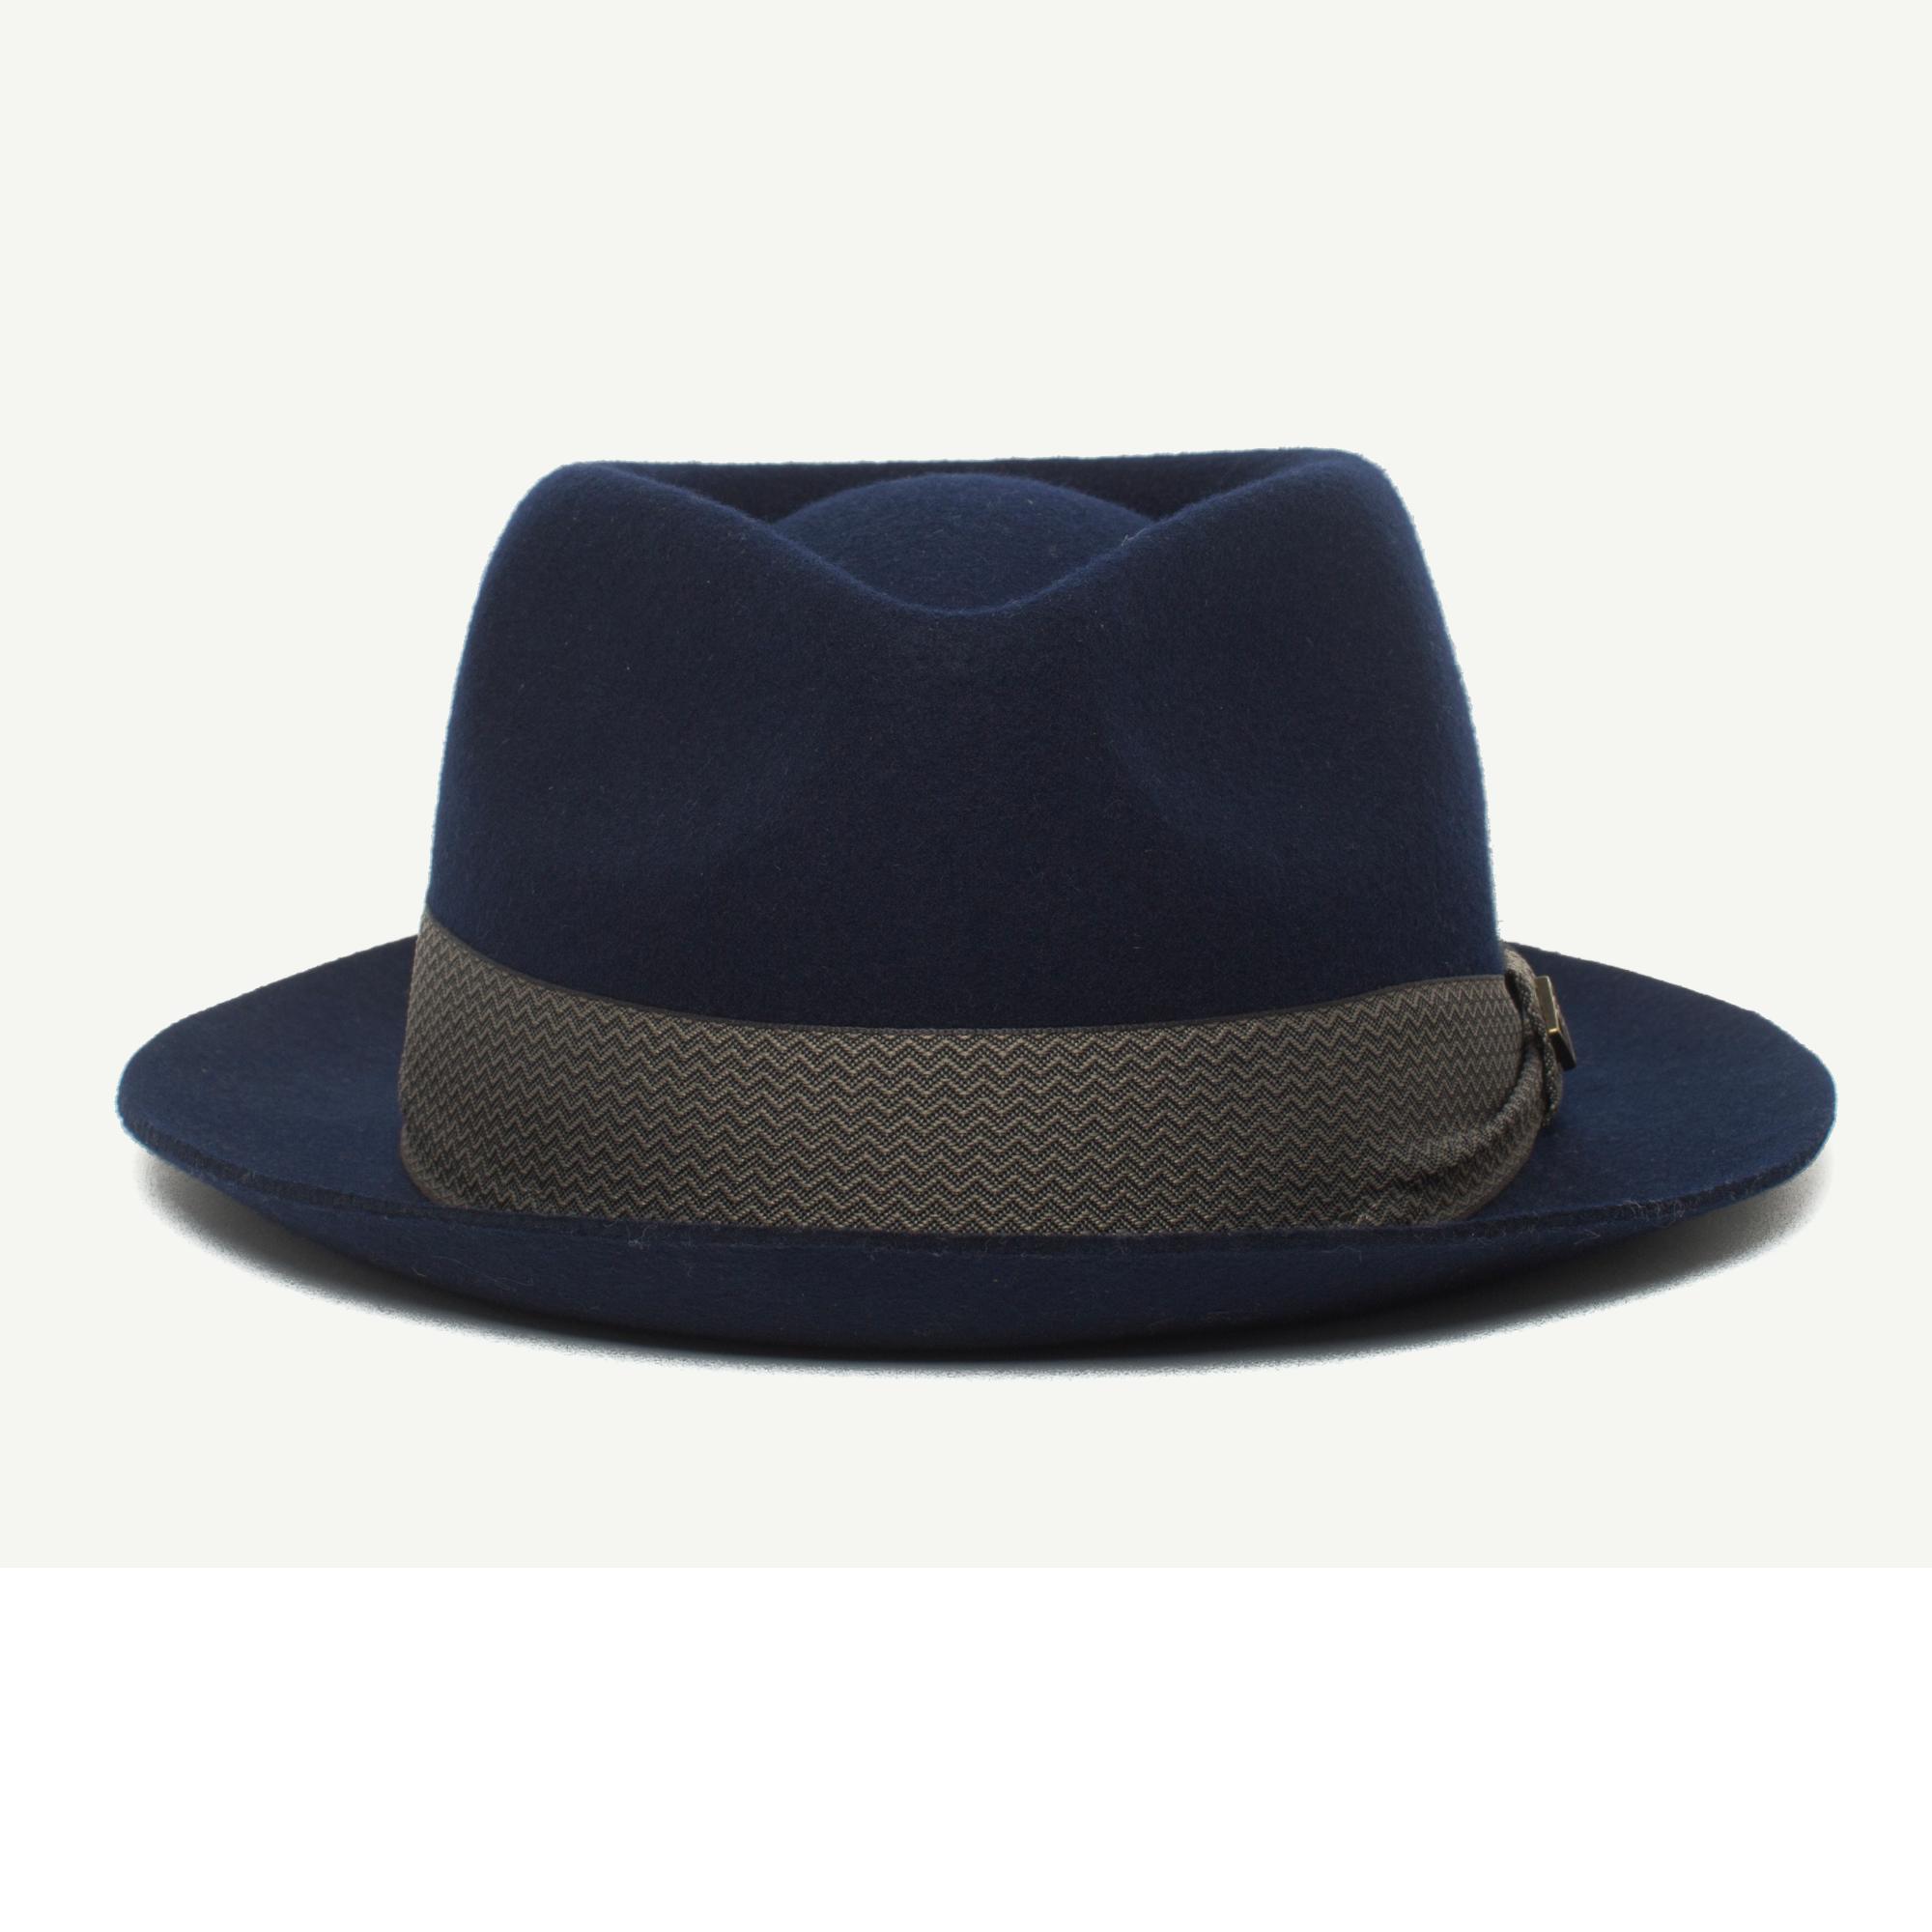 c8a57c533d80b Griffin Navy Wool Fedora Hat